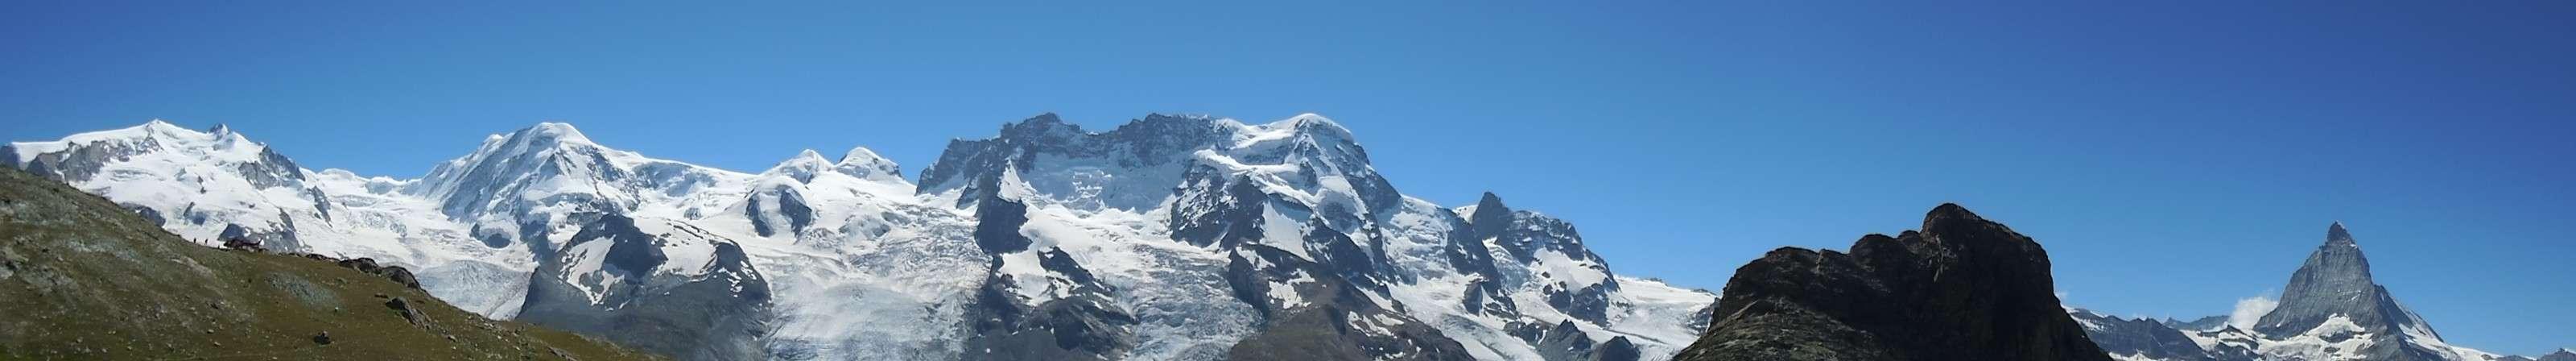 Monte Rosa, Matterhorn, Zermatt